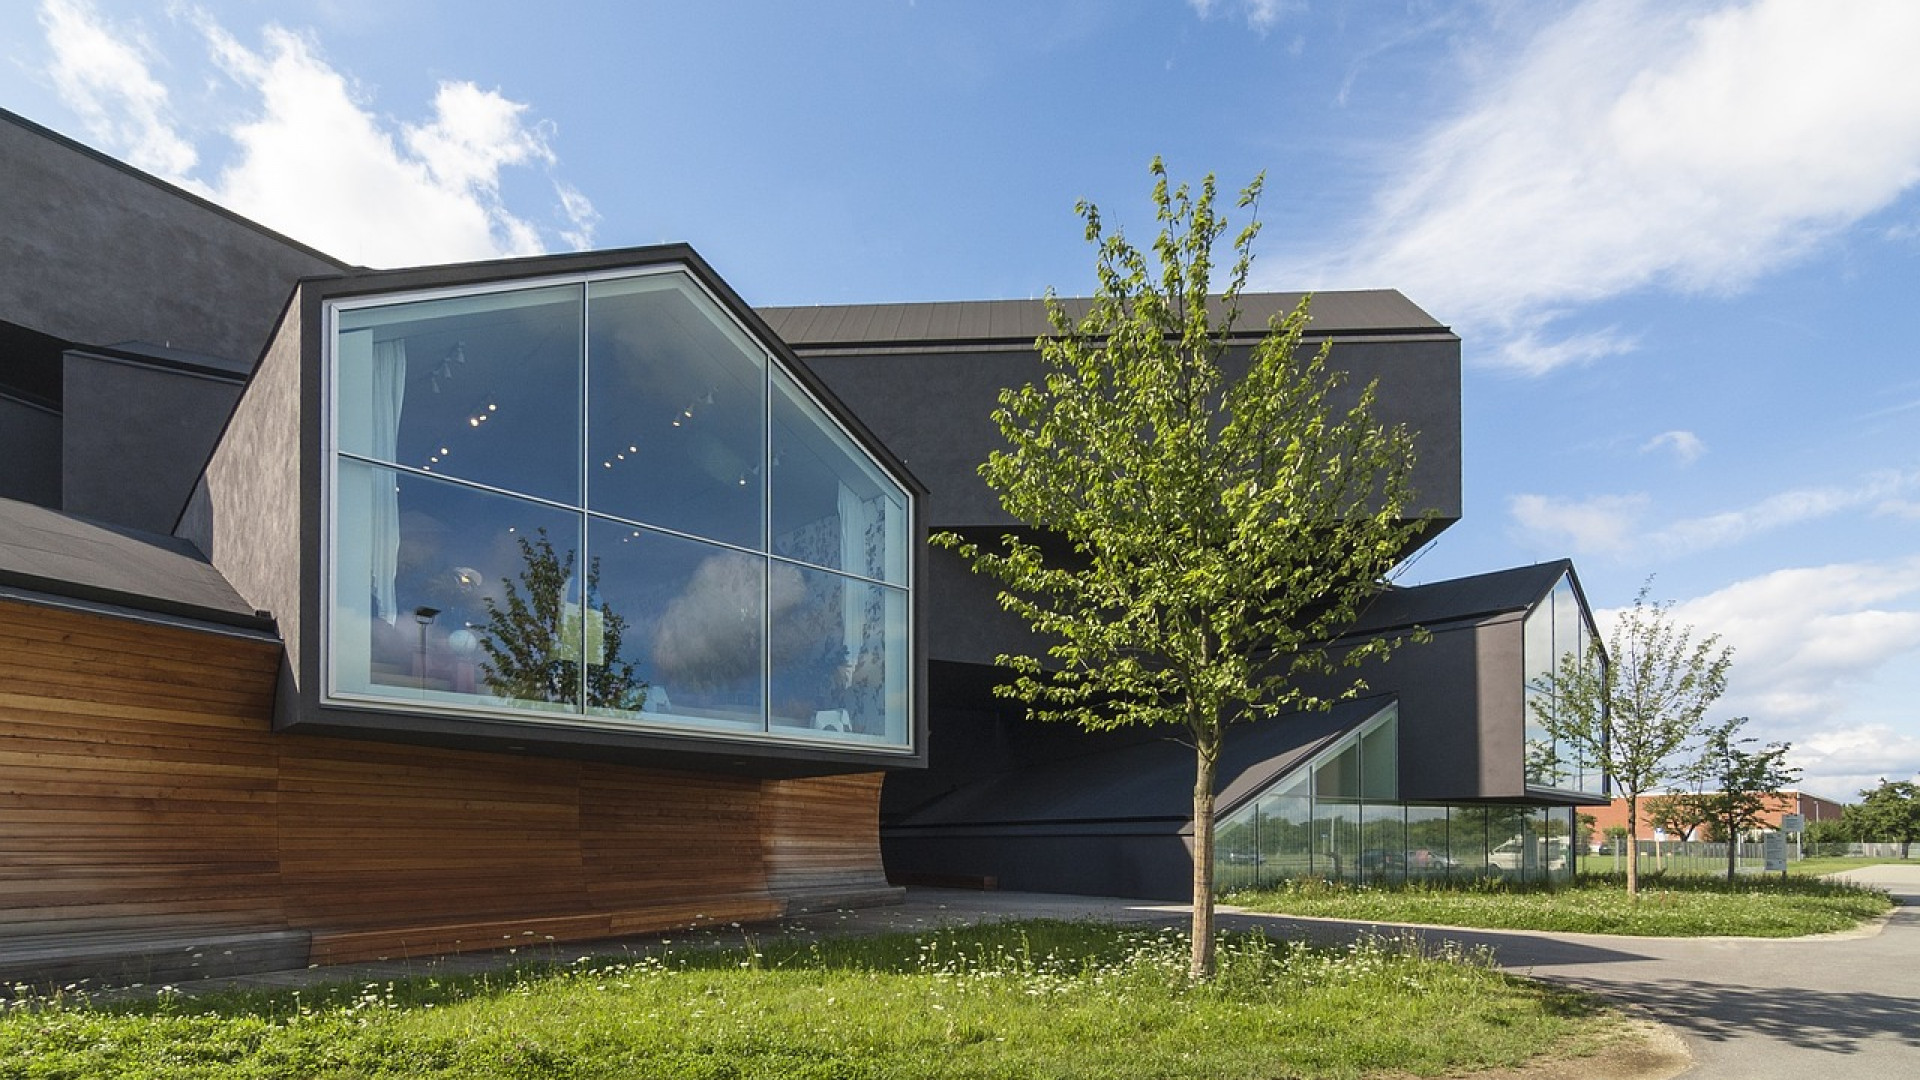 comment faire pour laver les vitres de sa v randa sans gal rer. Black Bedroom Furniture Sets. Home Design Ideas